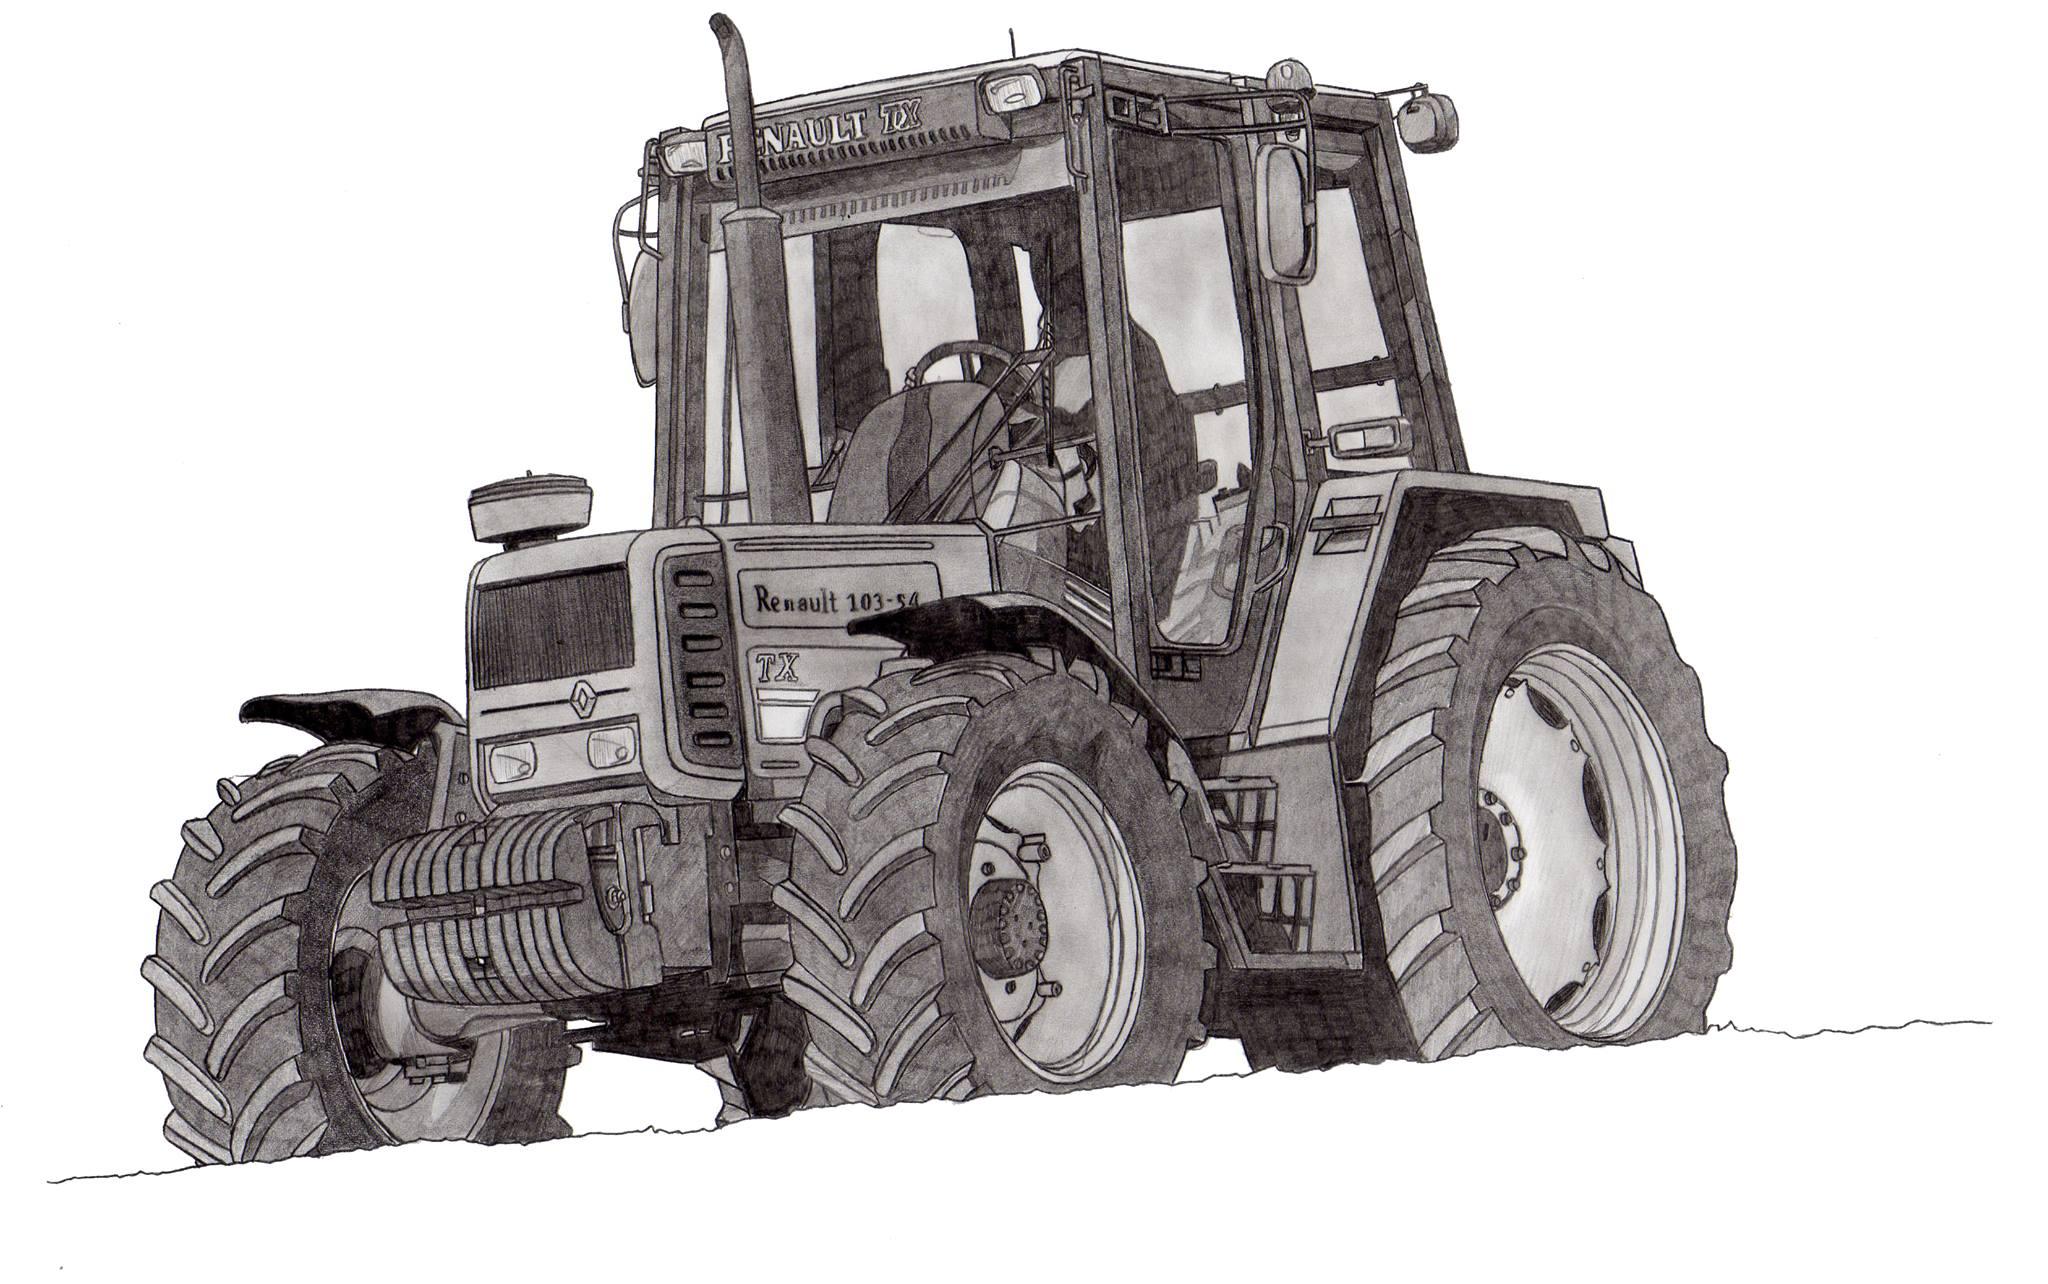 Dessin renault 103 54 tx - Dessin a imprimer de tracteur ...